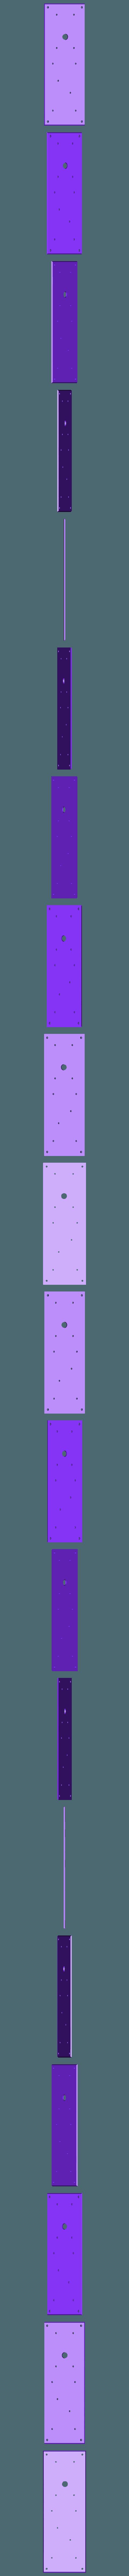 side_RT_alum_plate_LG_GB2.stl Télécharger fichier STL gratuit Ghostbuster Ghostbuster Ghosttrap • Modèle pour impression 3D, SLIDES